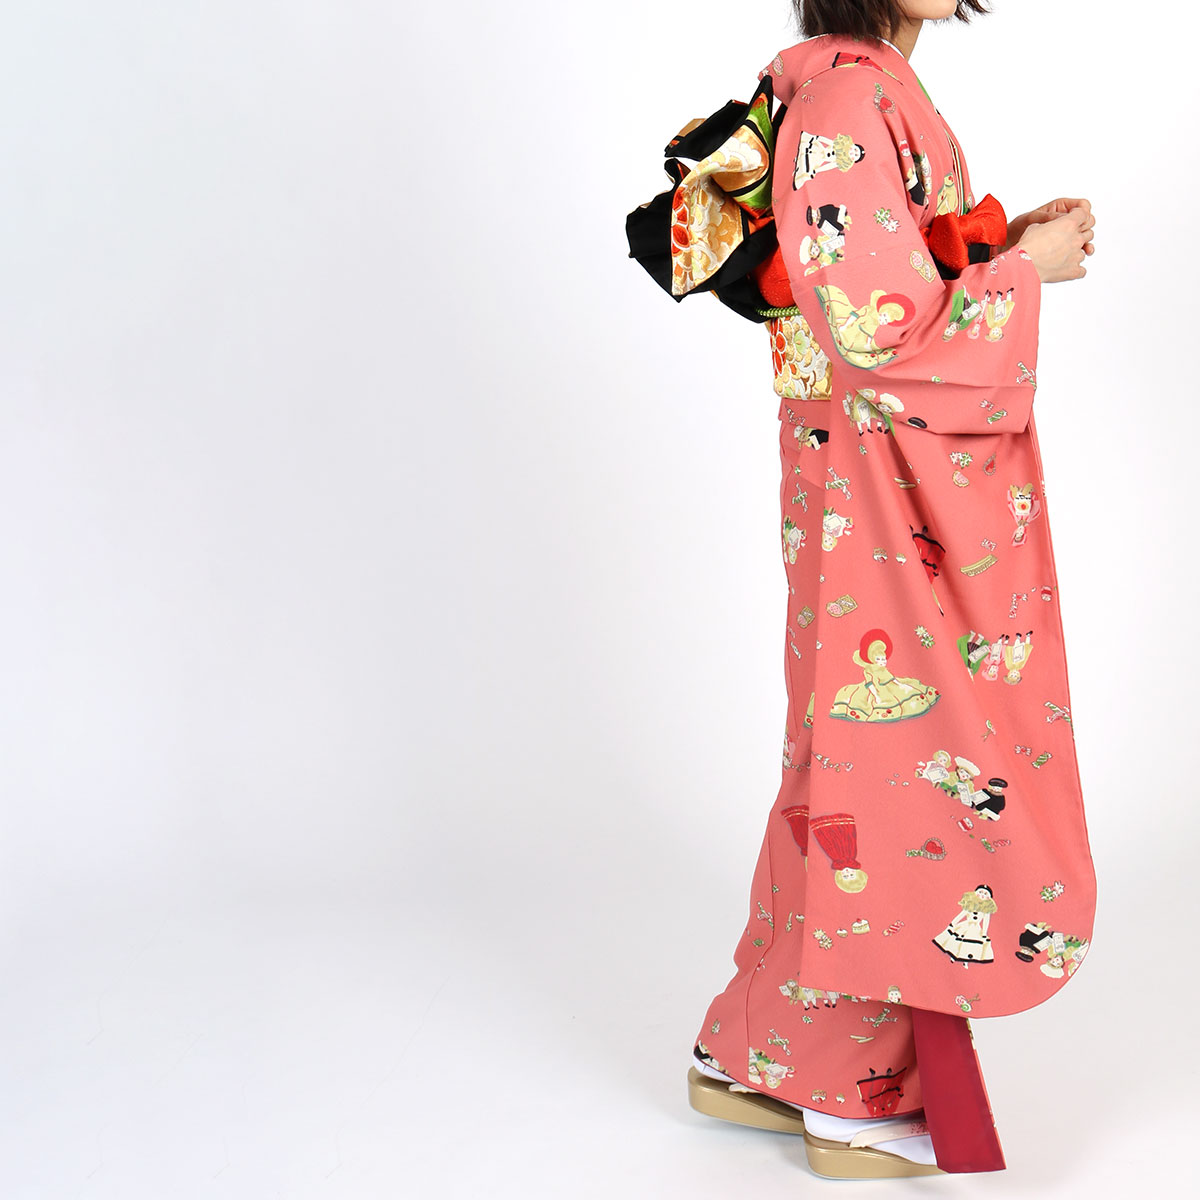 【成人式】 [安心の長期間レンタル]【対応身長150cm〜165cm】レンタル振袖フルセット-893 レトロ ポップキュート ピンク系 人形 総柄